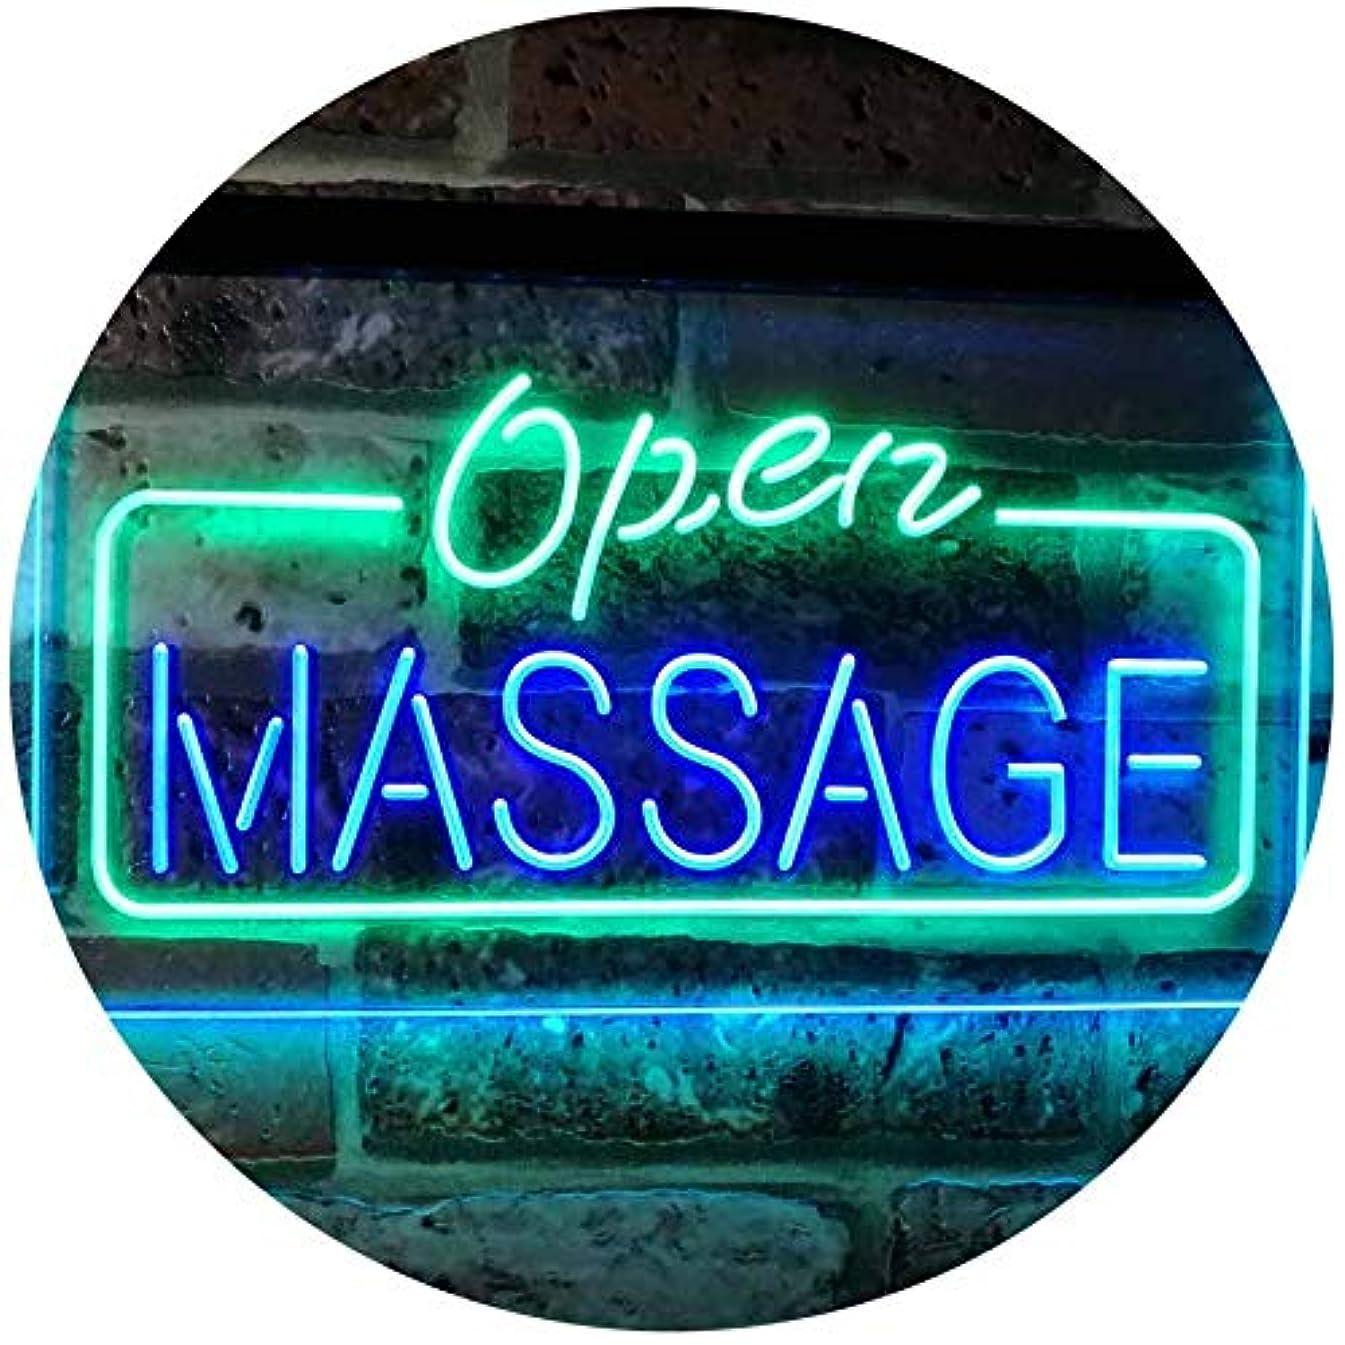 小人緊張拡張Massage Therapy Open Walk-In-Welcome Display Body Care Dual Color LED看板 ネオンプレート サイン 標識 緑色 + 青色 400 x 300mm st6s43-i0365-gb